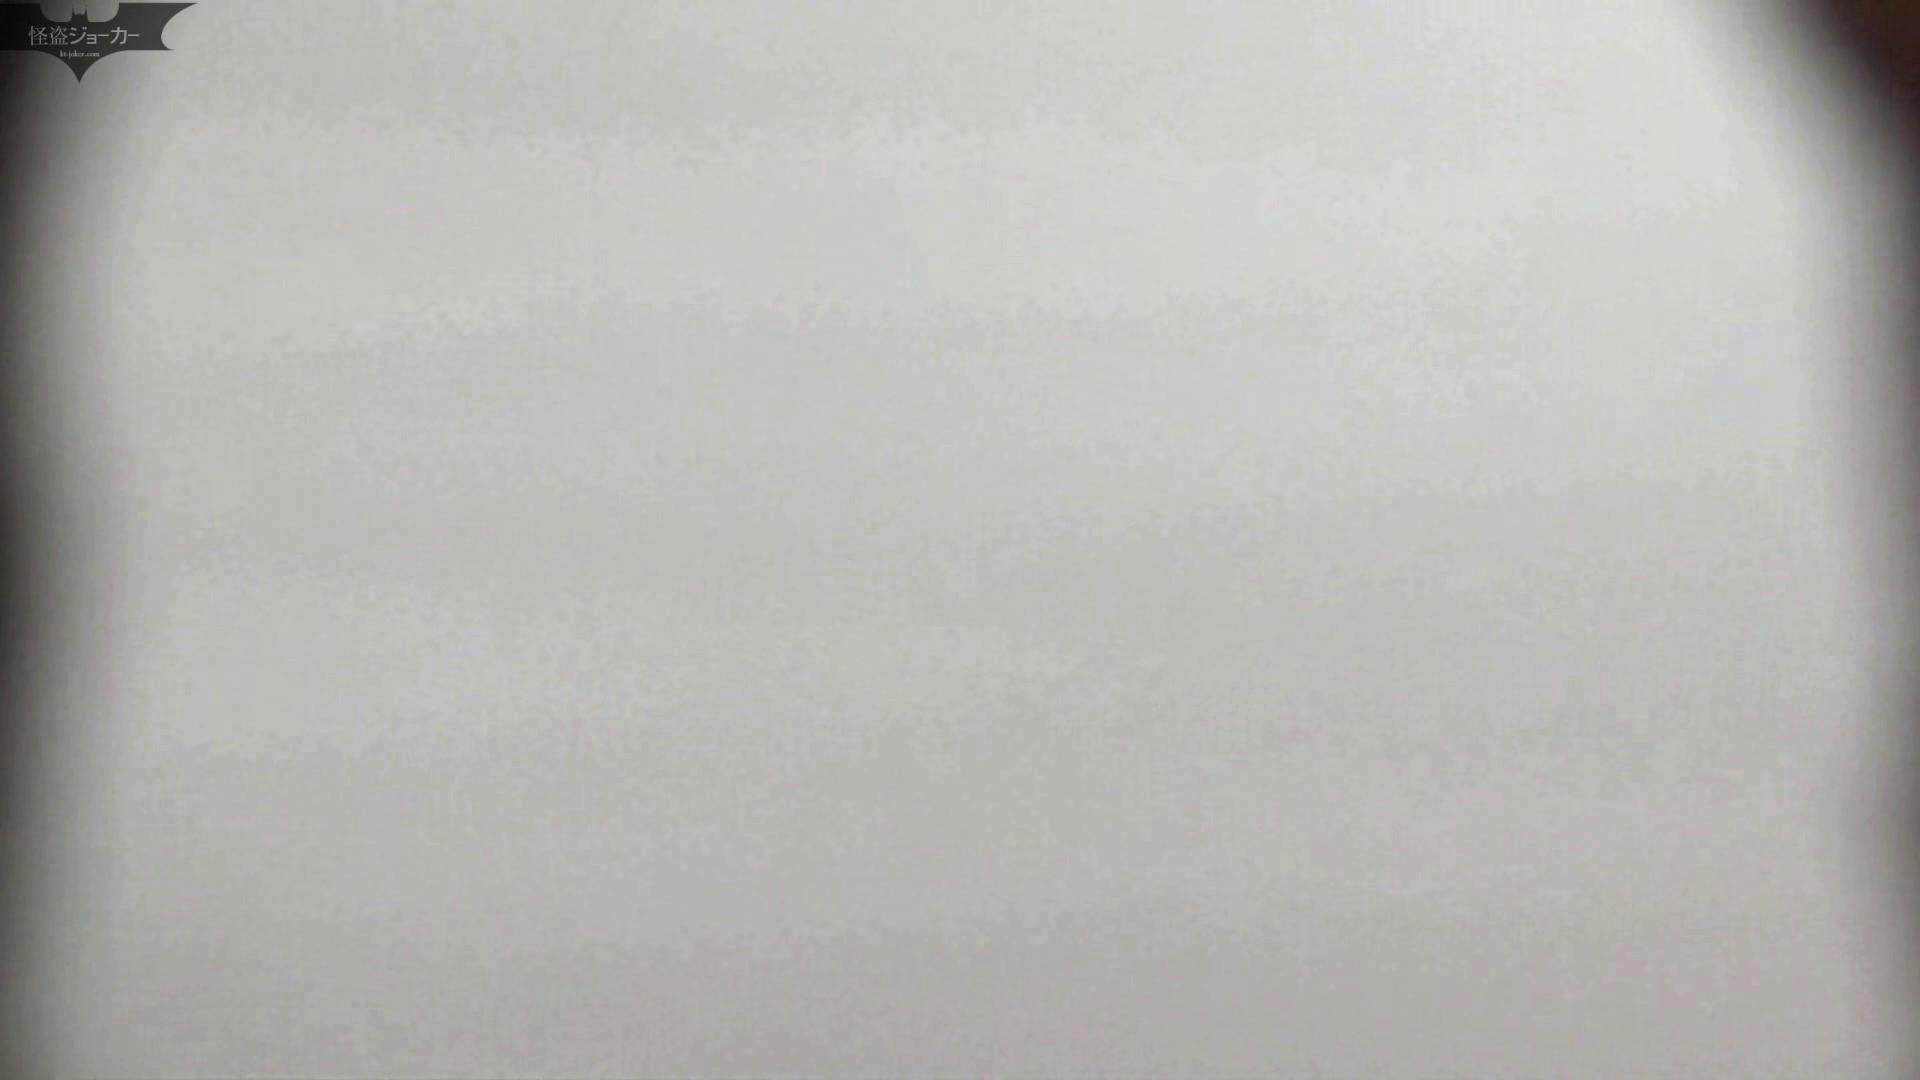 洗面所特攻隊 vol.050 特攻無毛地帯!! 高評価 性交動画流出 85画像 69